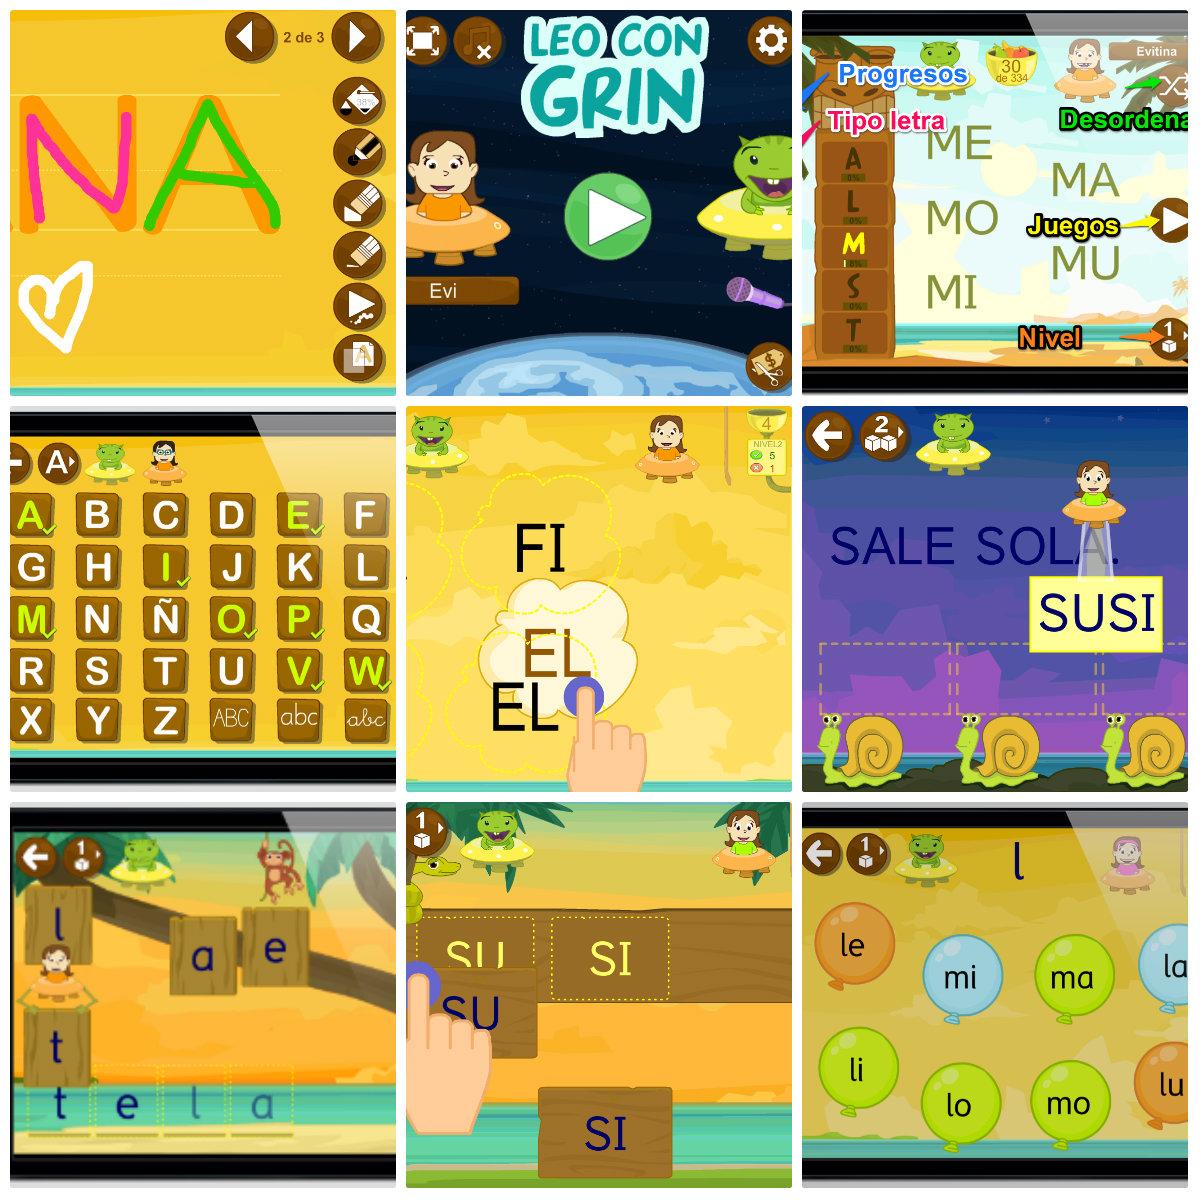 Aprender A Leer App Leo Con Grin En Ios Y Android Educaplanet Apps